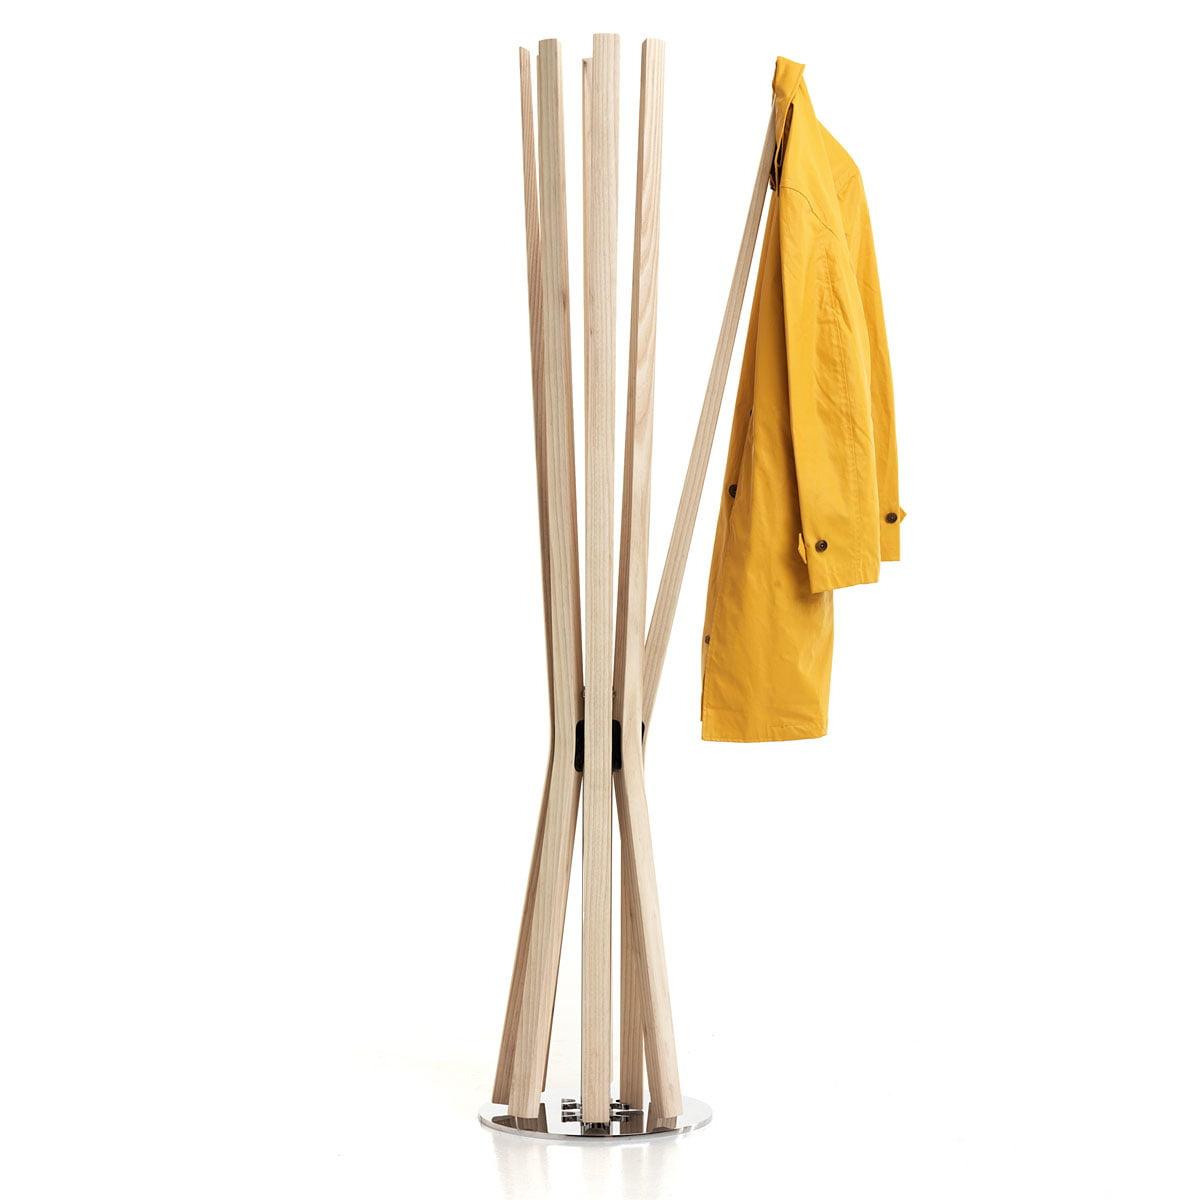 Baleri Italia - Bloom achtarmiger Kleiderständer, Arme aus massiver Esche | Flur & Diele > Garderoben | Esche natur | Esche -  verchromter stahl | Baleri Italia